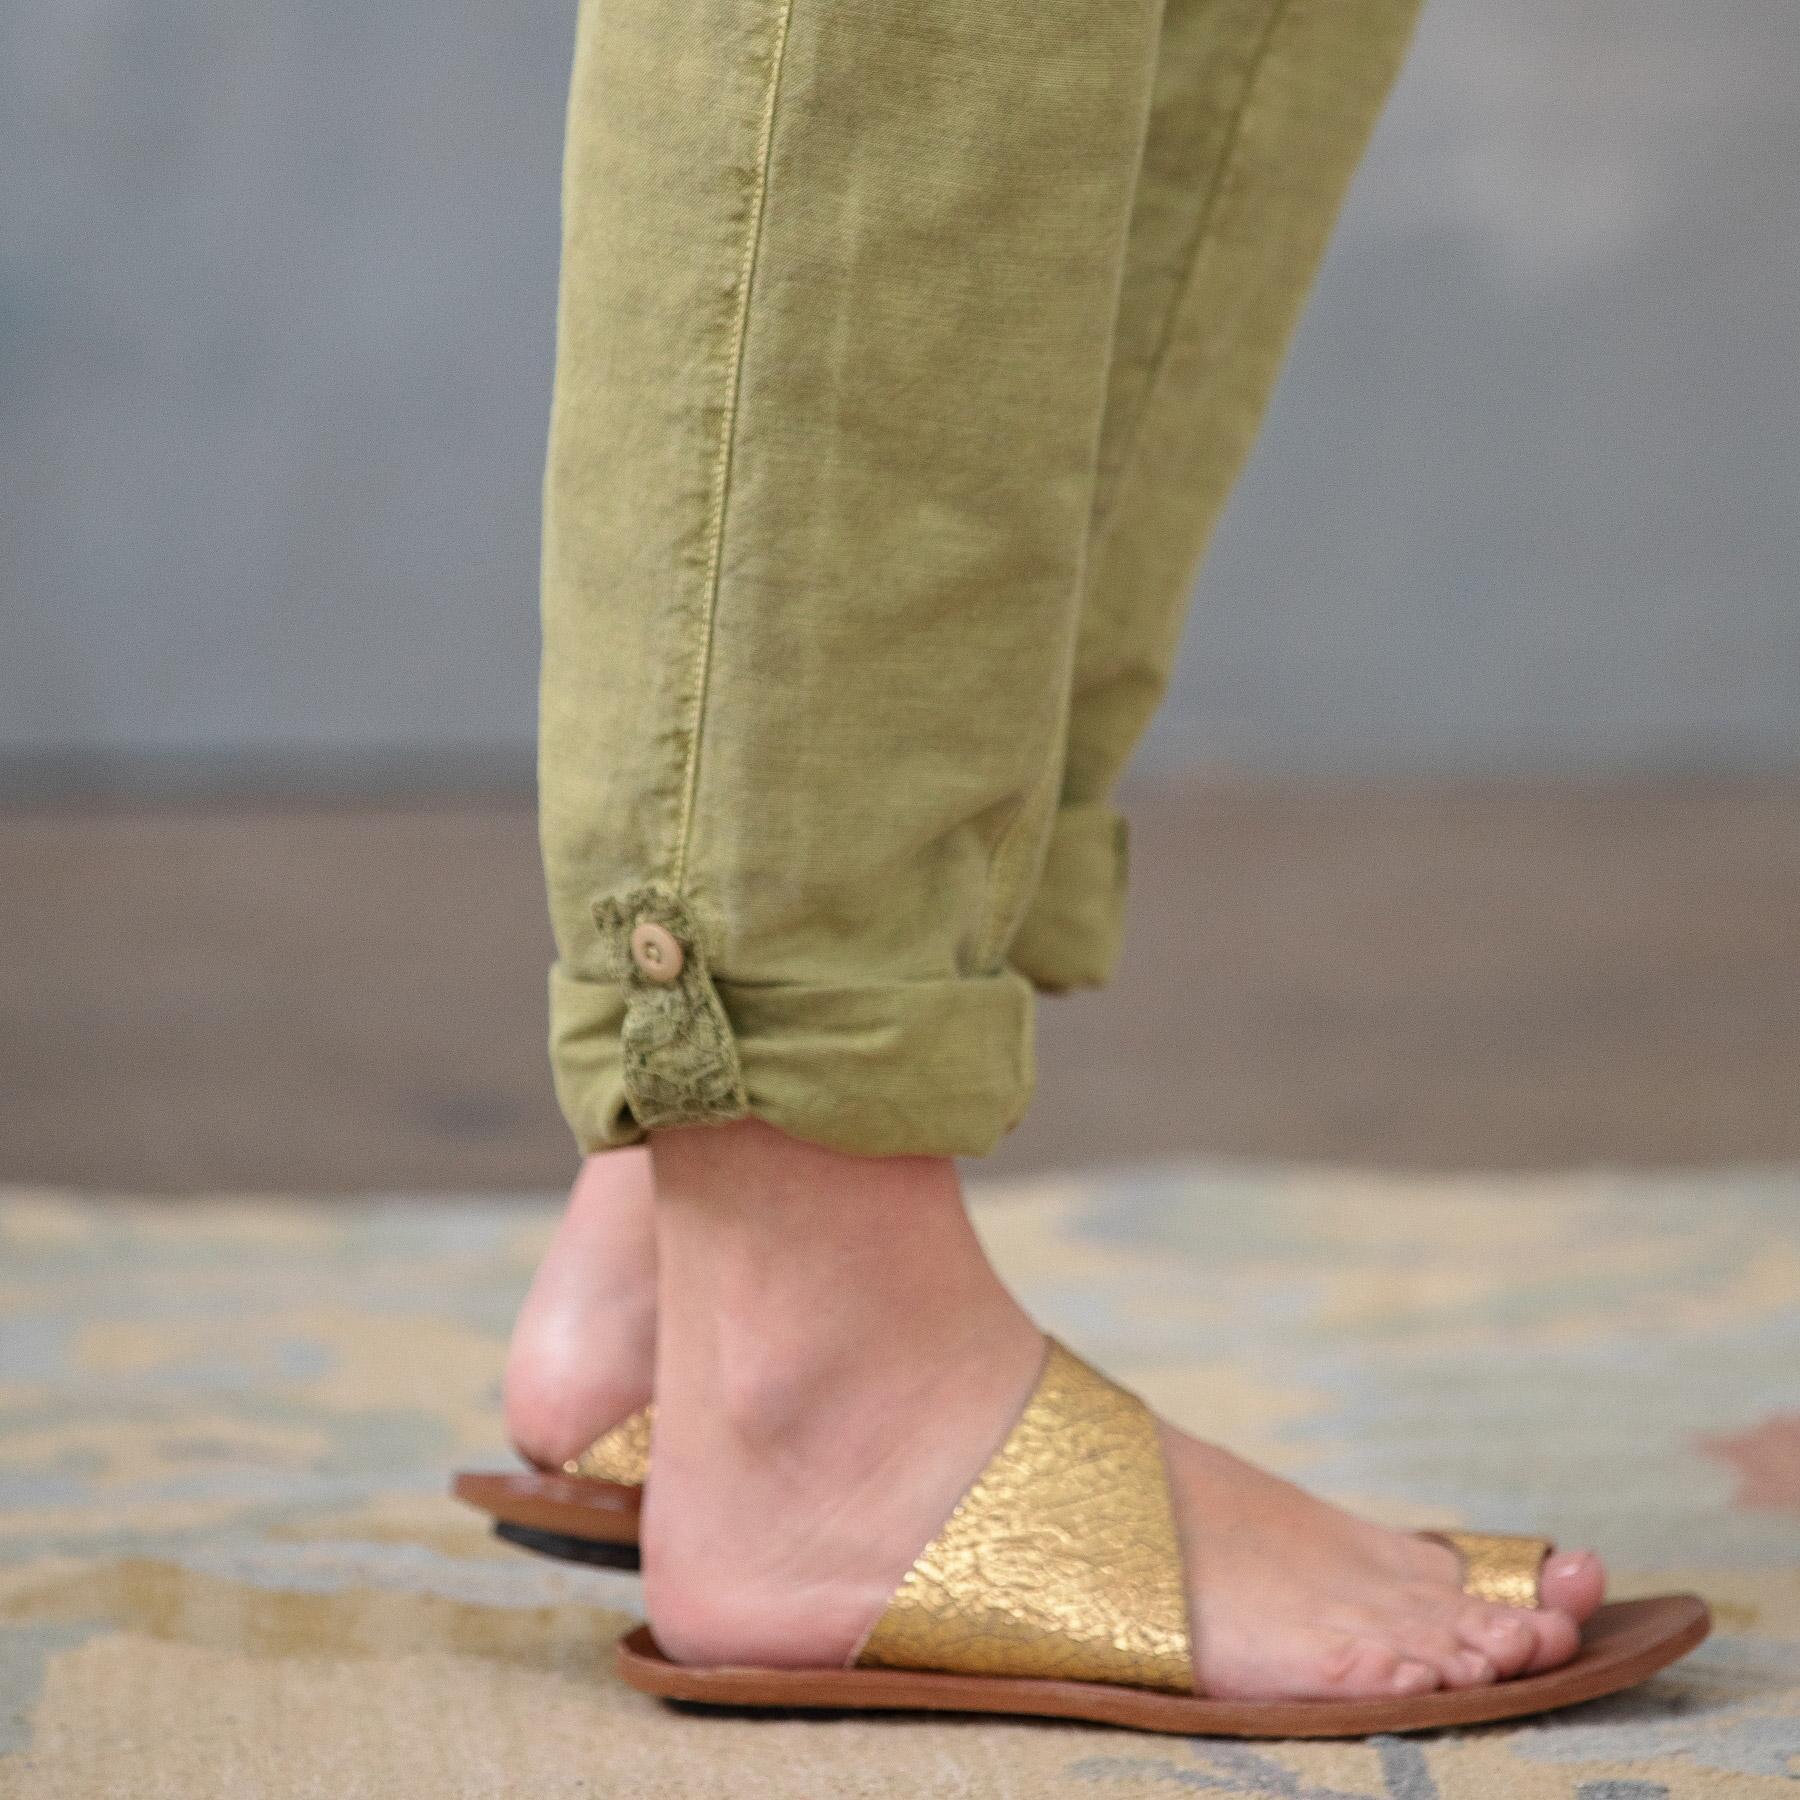 FEMME VOYAGER PANTS - PETITES: View 7